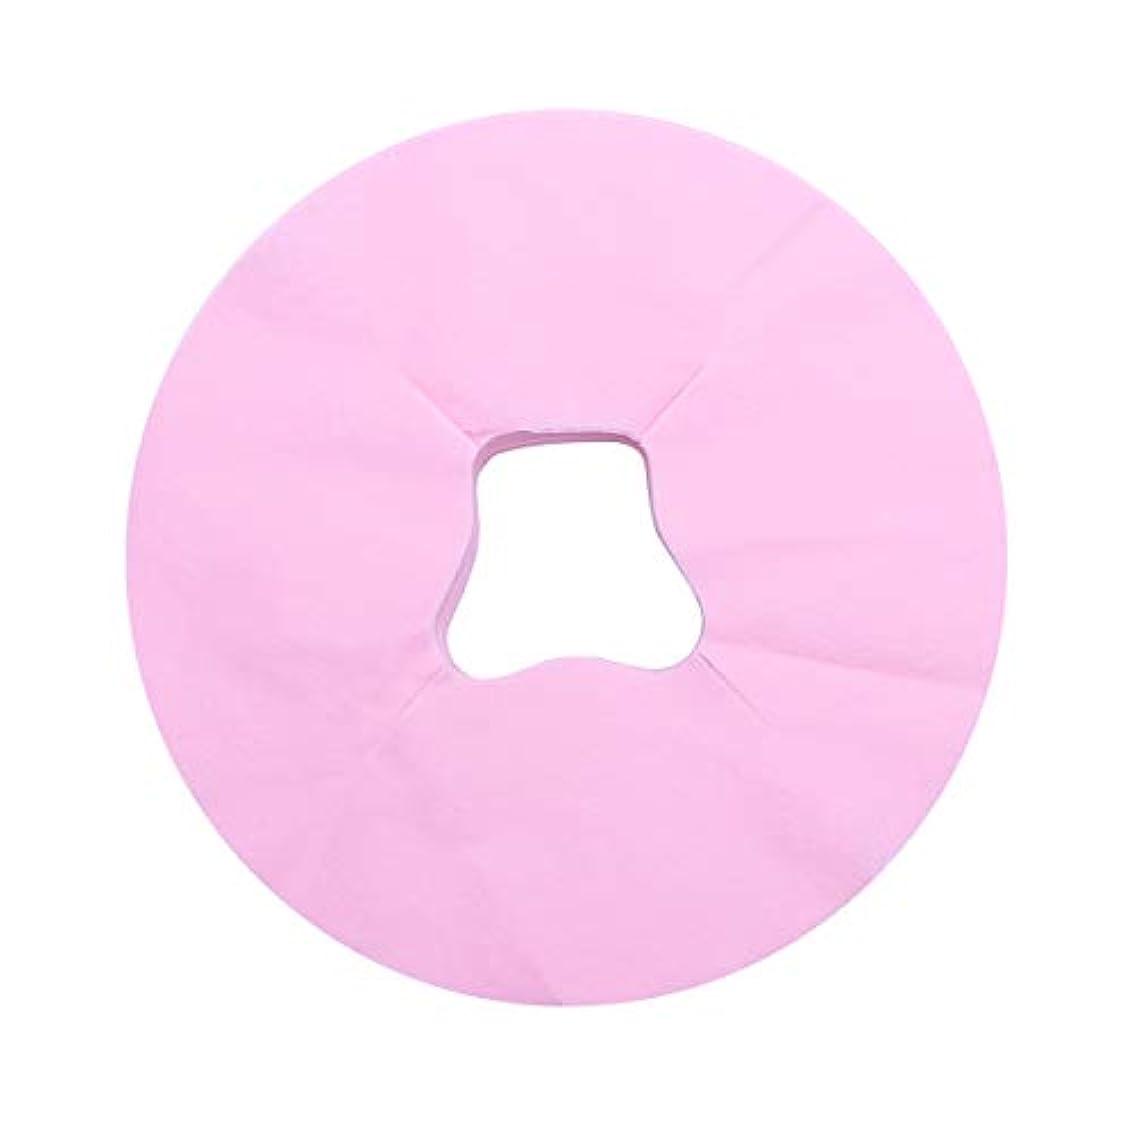 資格二層曖昧なHealifty 100シートマッサージフェイスピローカバー使い捨てフェイスカバーパッドフェイスホールピローフェイシャルベッドサロンスパヘッドレストピローシート(ピンク)